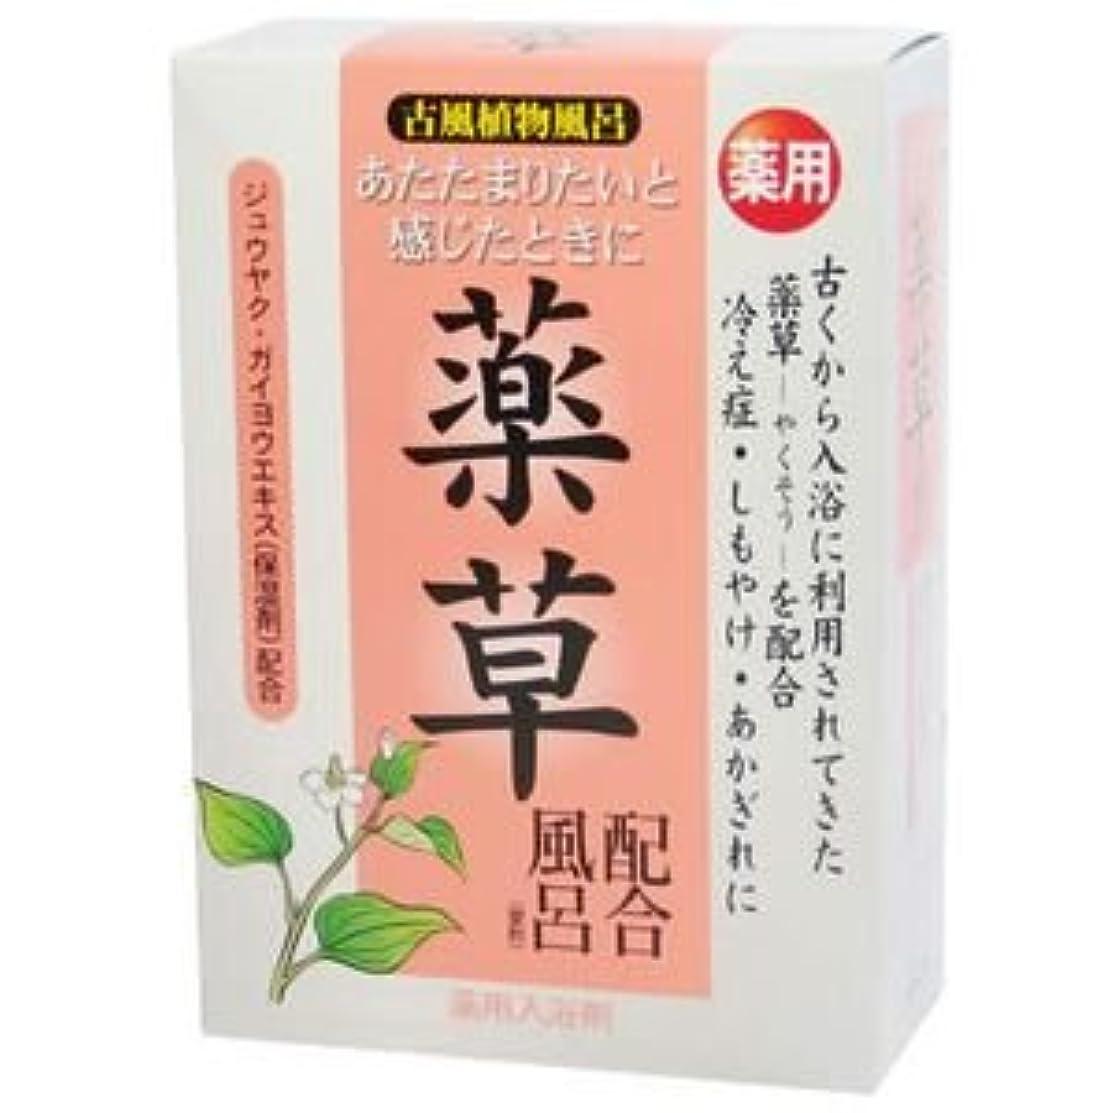 着替える怪しい必需品古風植物風呂 薬草配合風呂 25g*5包